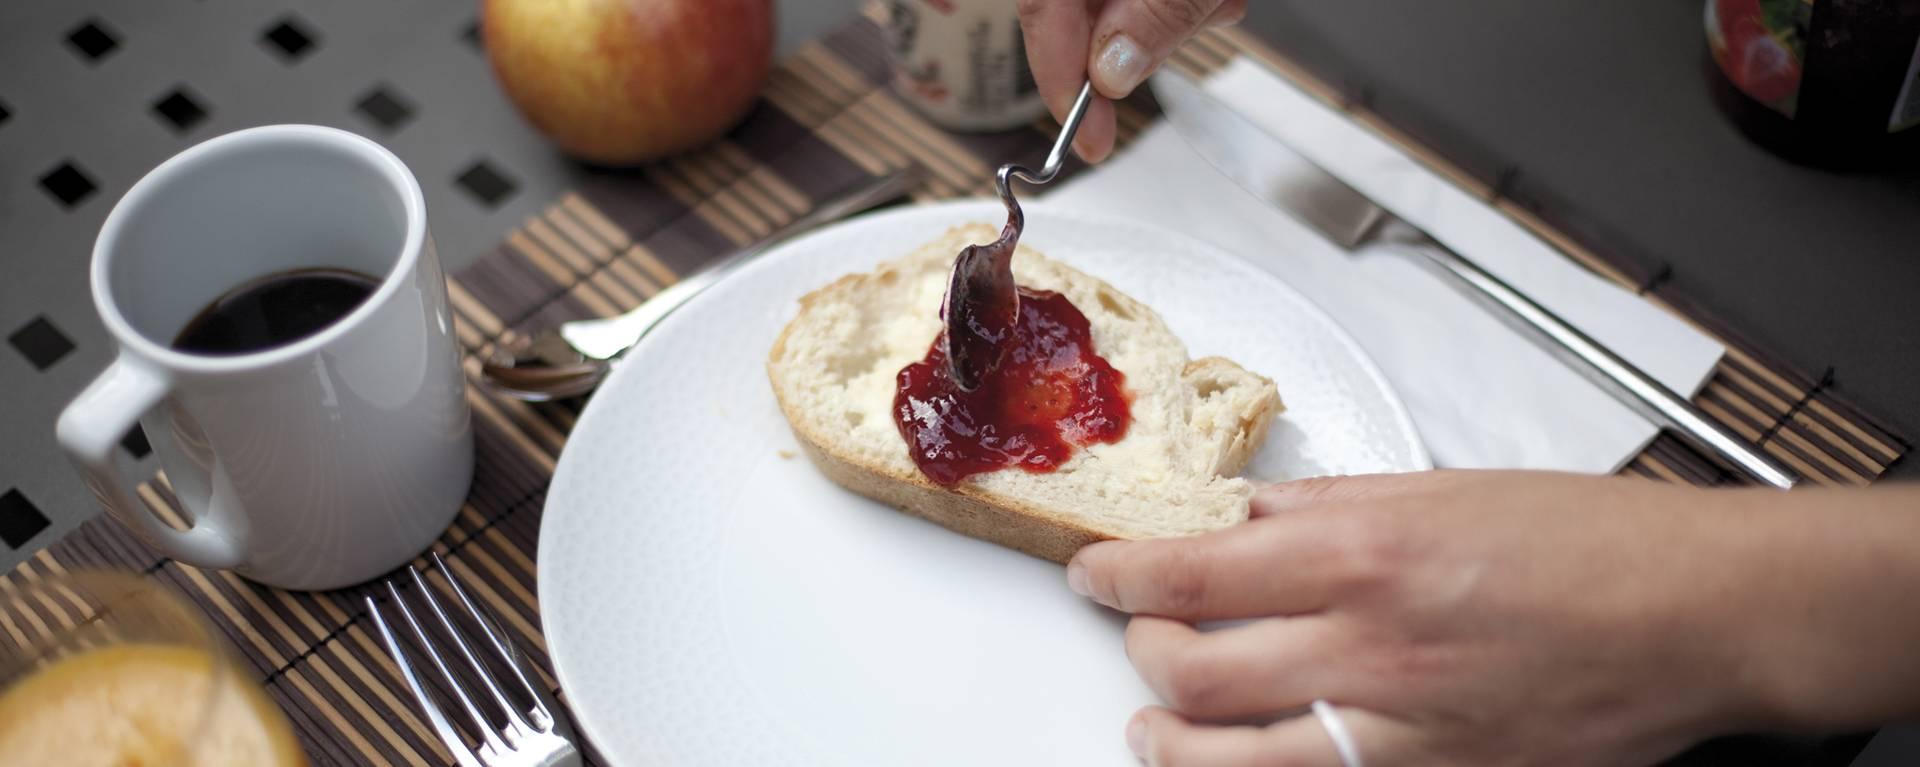 Un petit-déjeuner sur mesure aux Béthunoises © Brigitte Baudesson